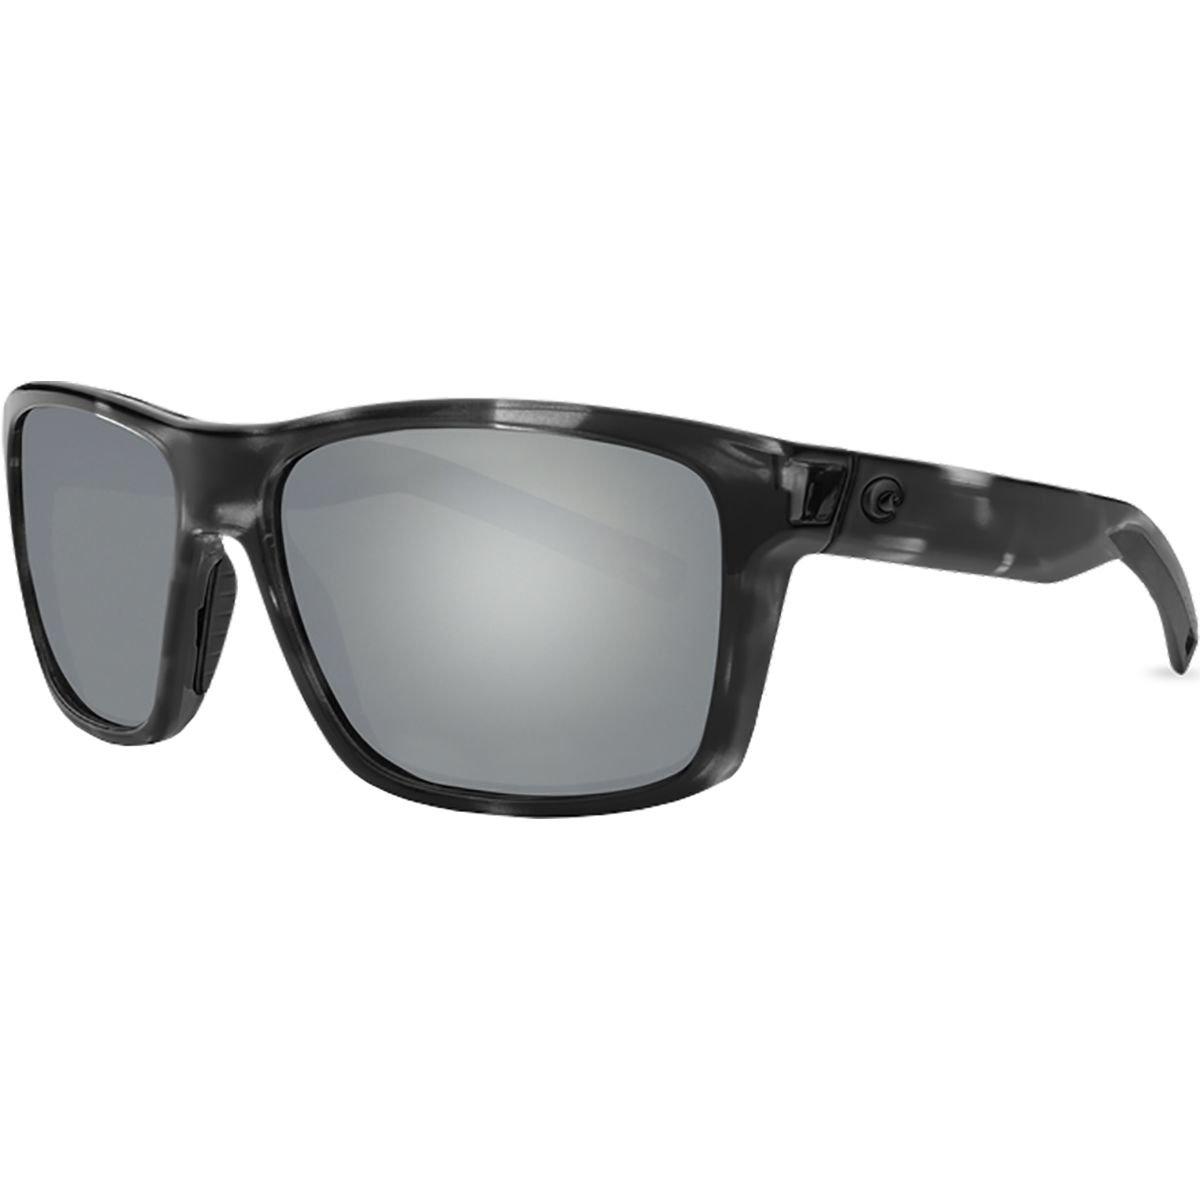 [コスタ] メンズ サングラスアイウェア Ocearch Slack Tide Polarized Sunglasses [並行輸入品] No-Size  B07BW9JBJN